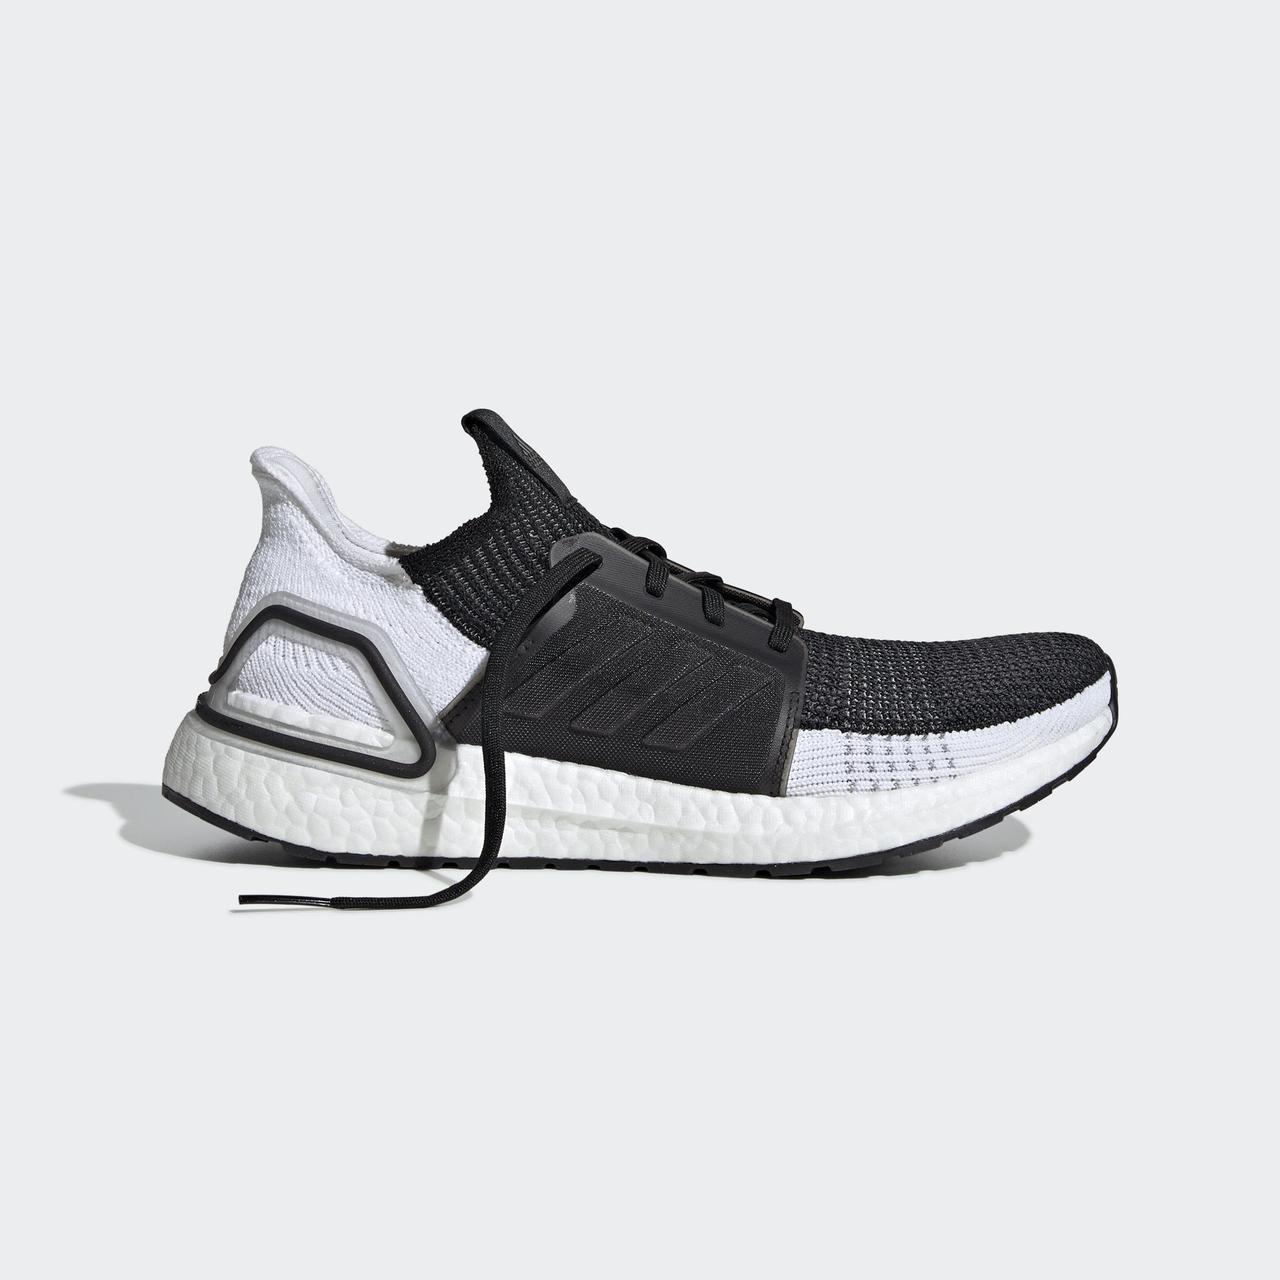 34719d5a Кроссовки беговые adidas Ultraboost 19 B37704 - 2019 - Интернет магазин Tip  - все типы товаров